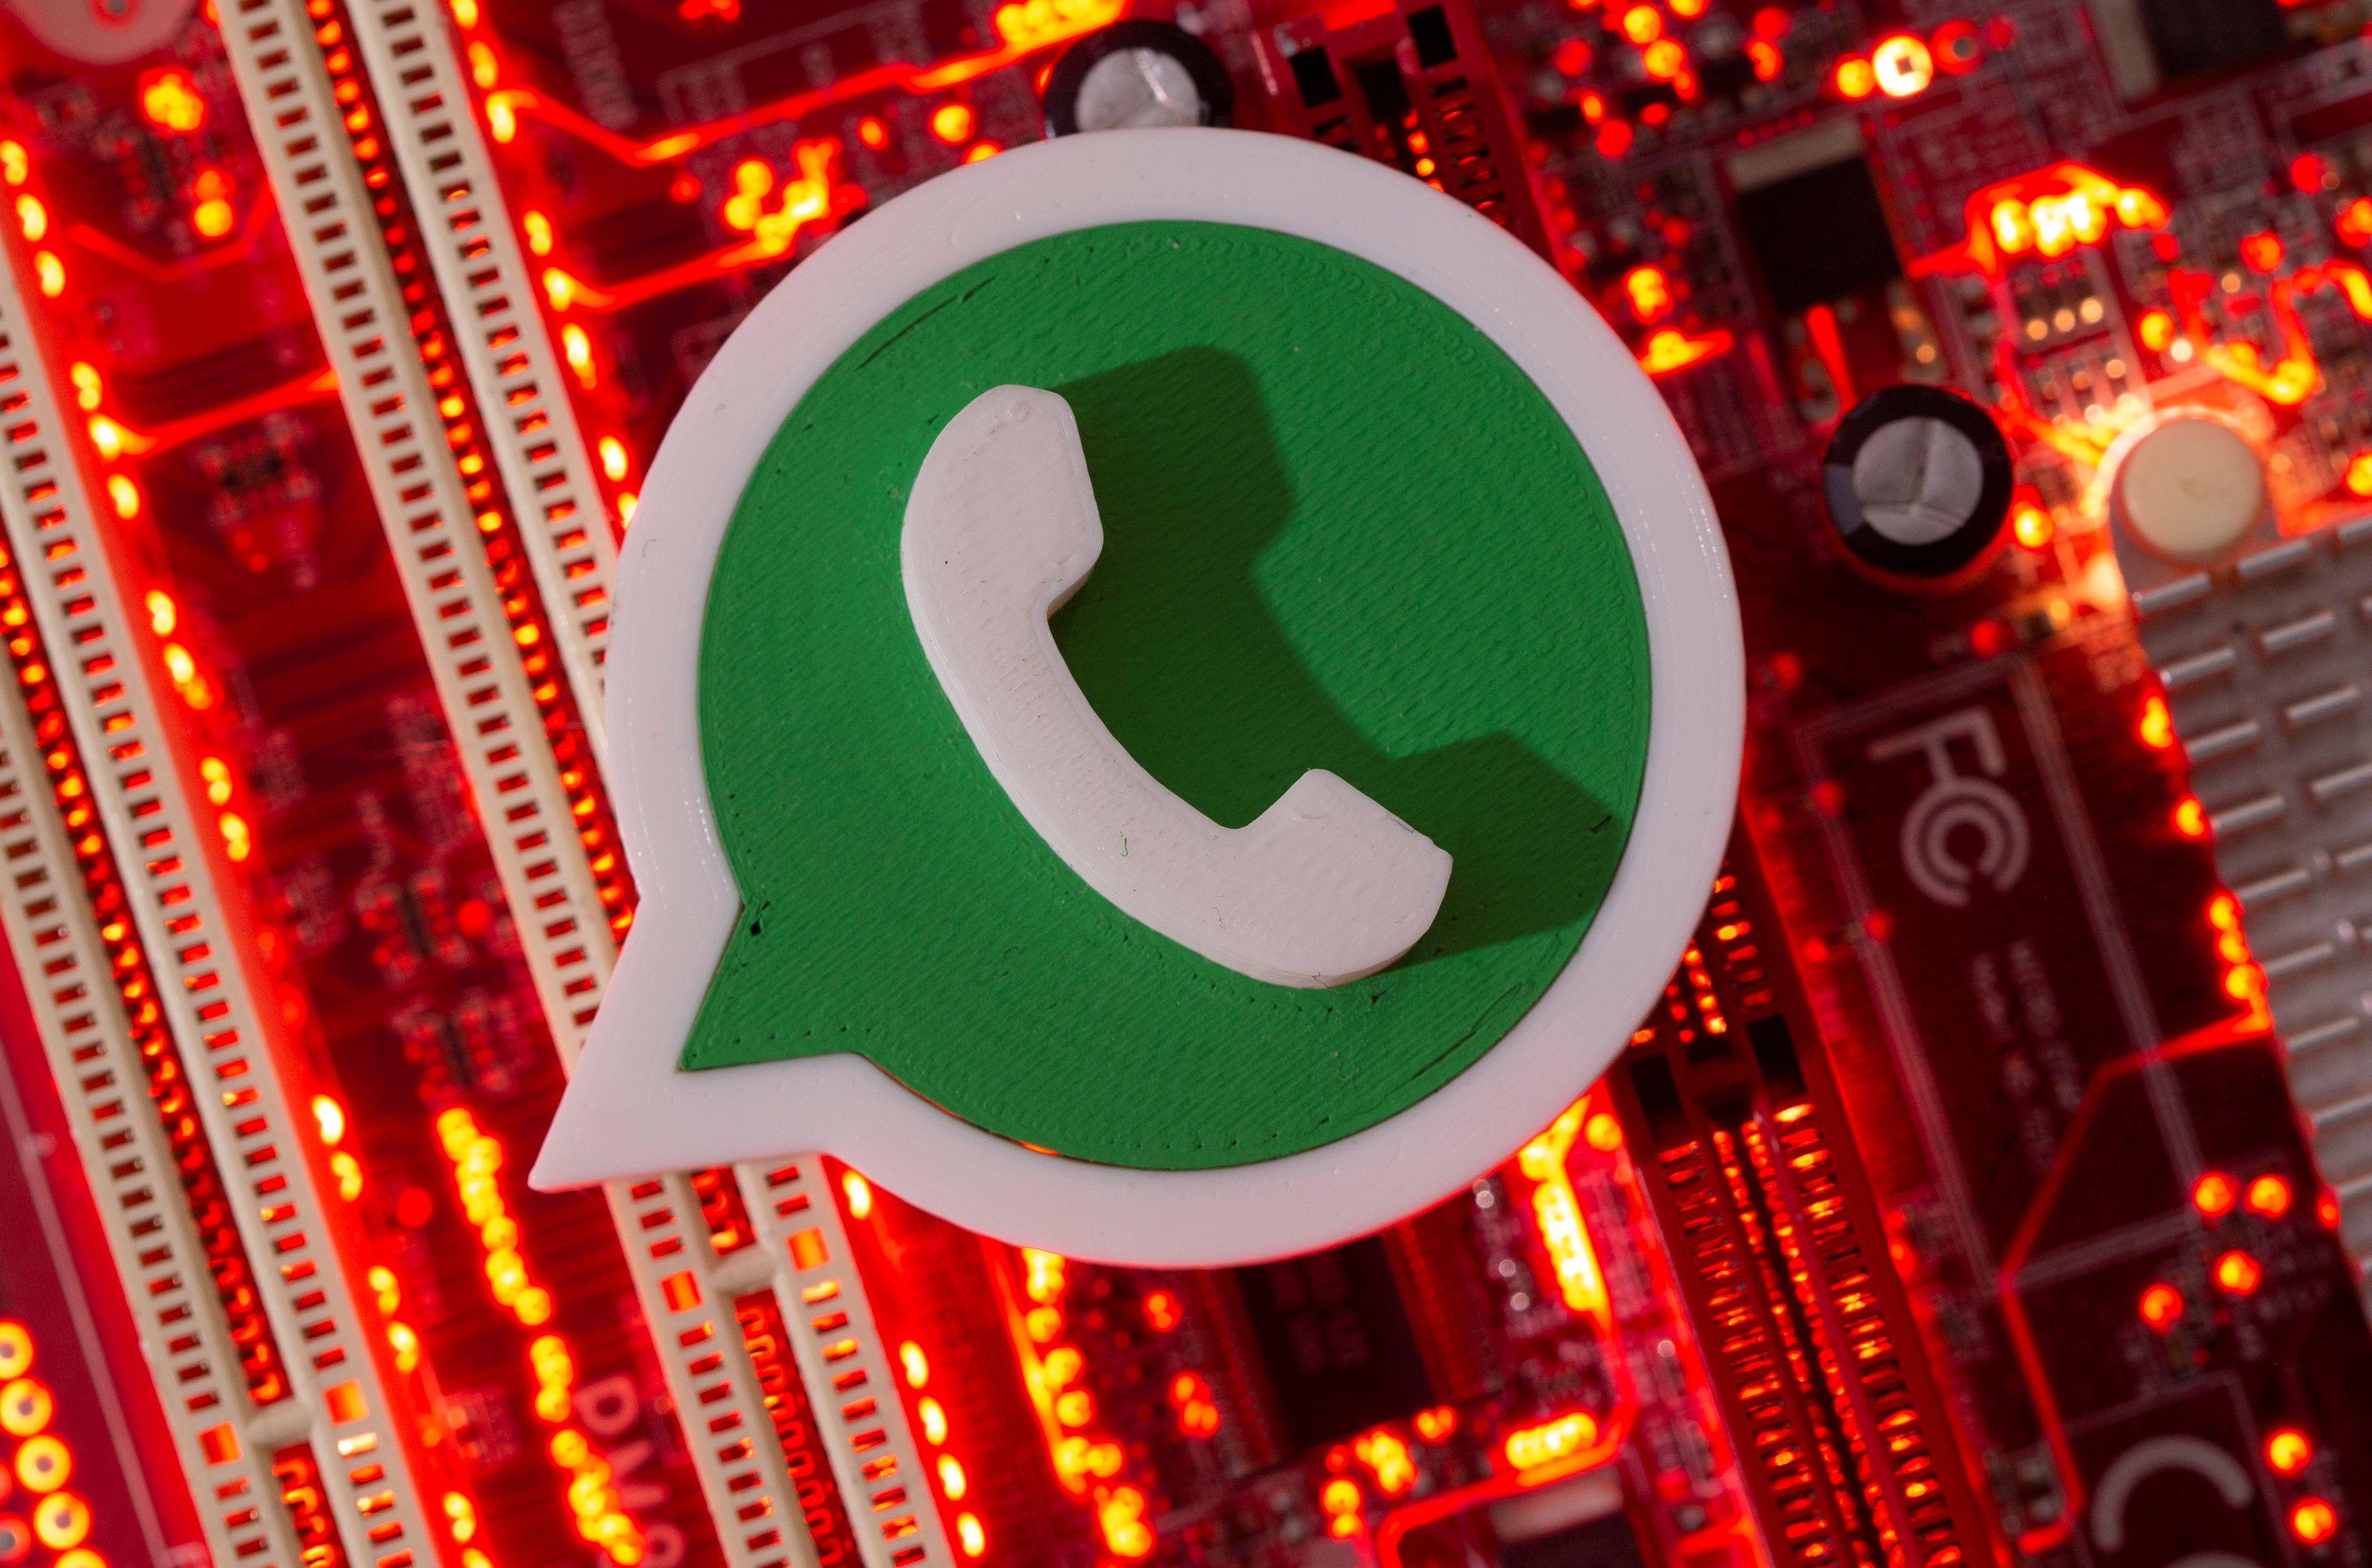 Se detectaron vulnerabilidades que afectan a los usuarios de WhatsApp y WhatsApp Business tanto en web como en smartphones con versiones anteriores a la v2.21.4.18 en Android, y a la v2.21.32 en iOS. REUTERS/Dado Ruvic/Illustration/File Photo